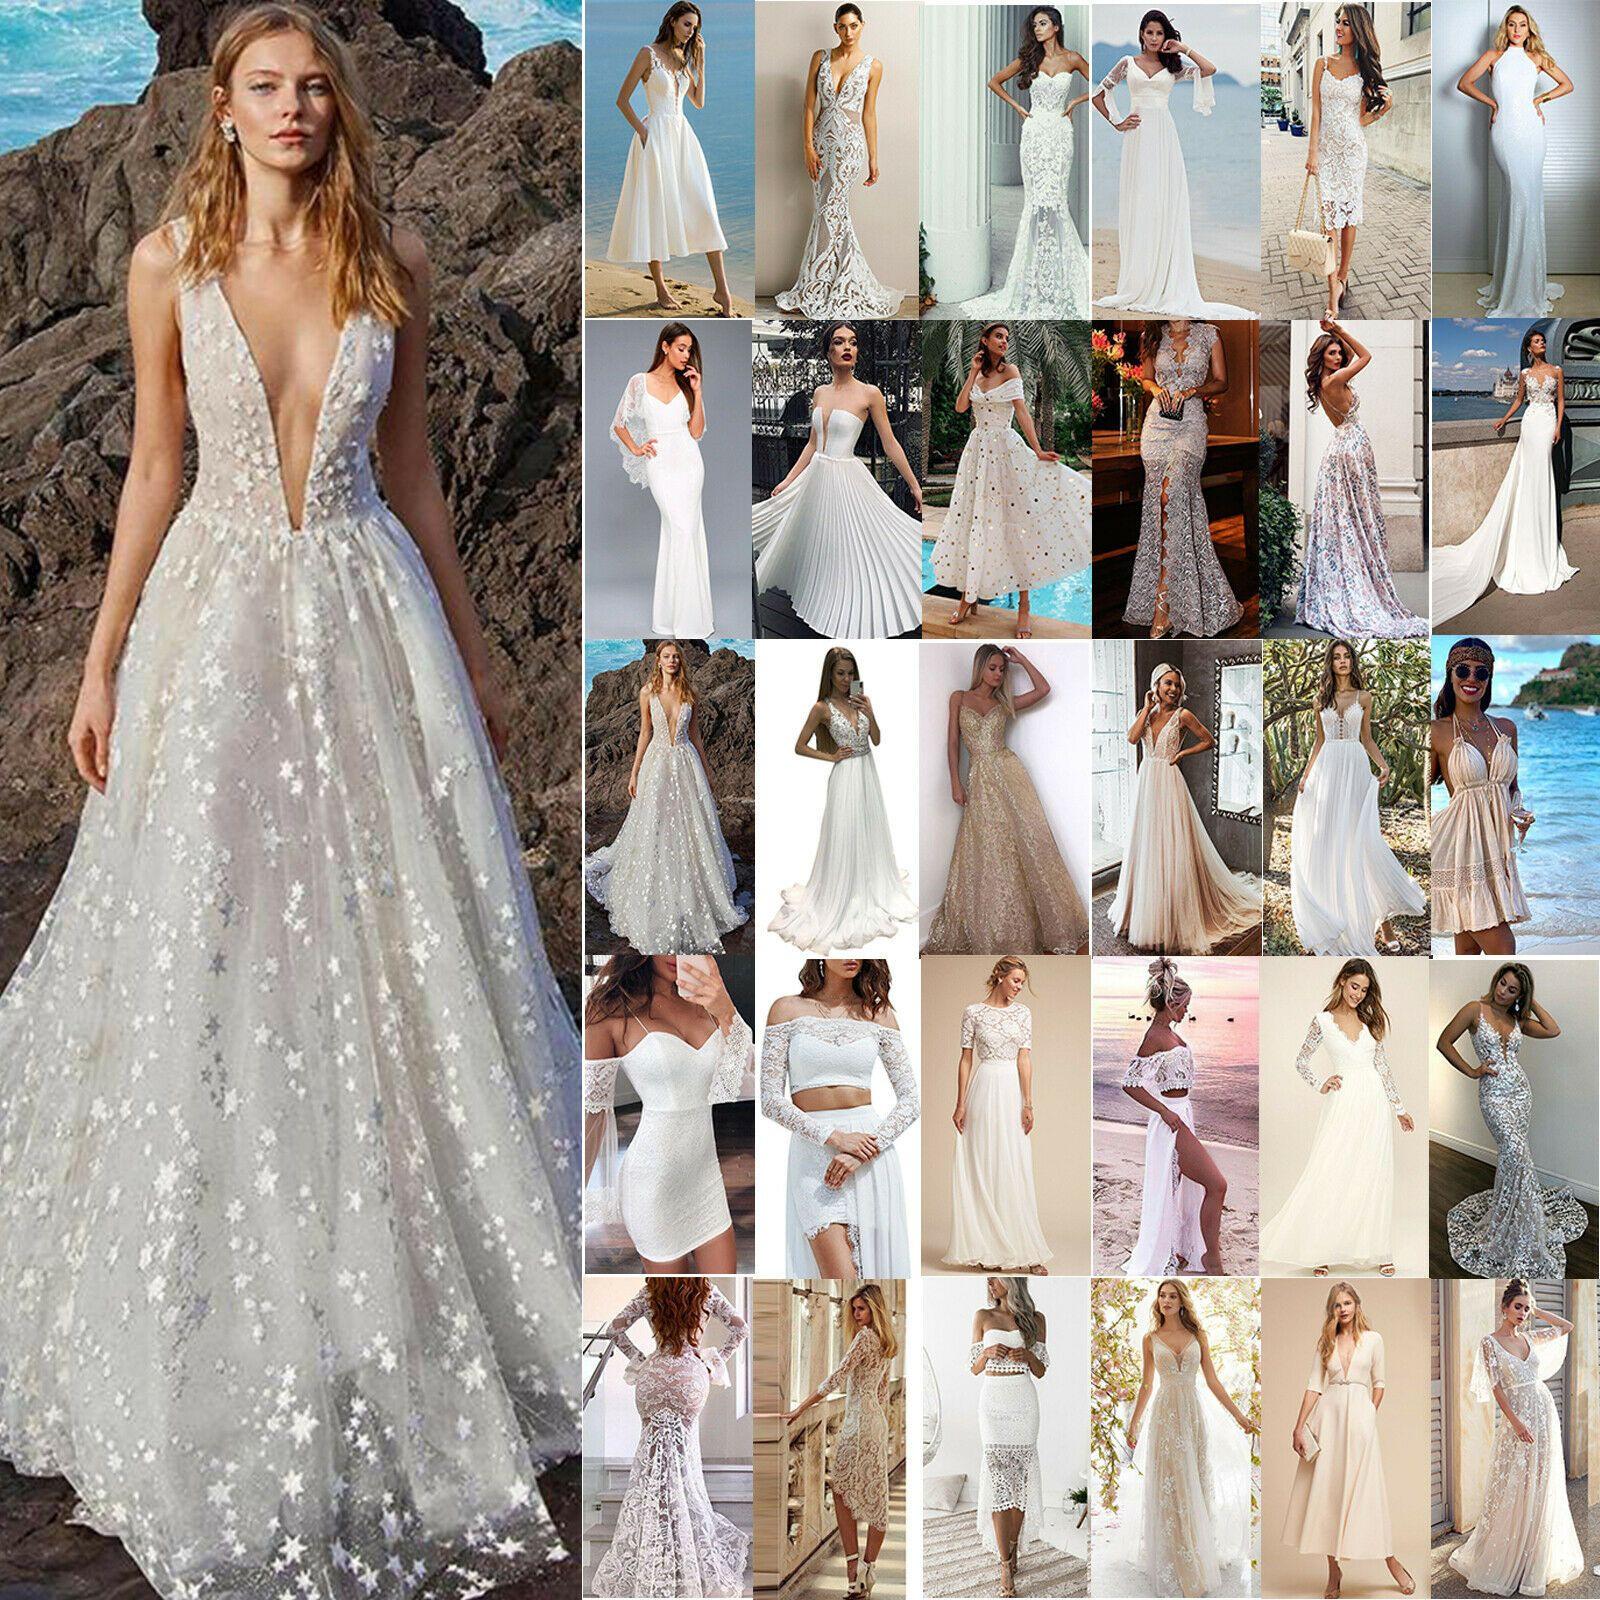 15 Fantastisch Abend Dress Fashion Bester Preis10 Leicht Abend Dress Fashion Ärmel